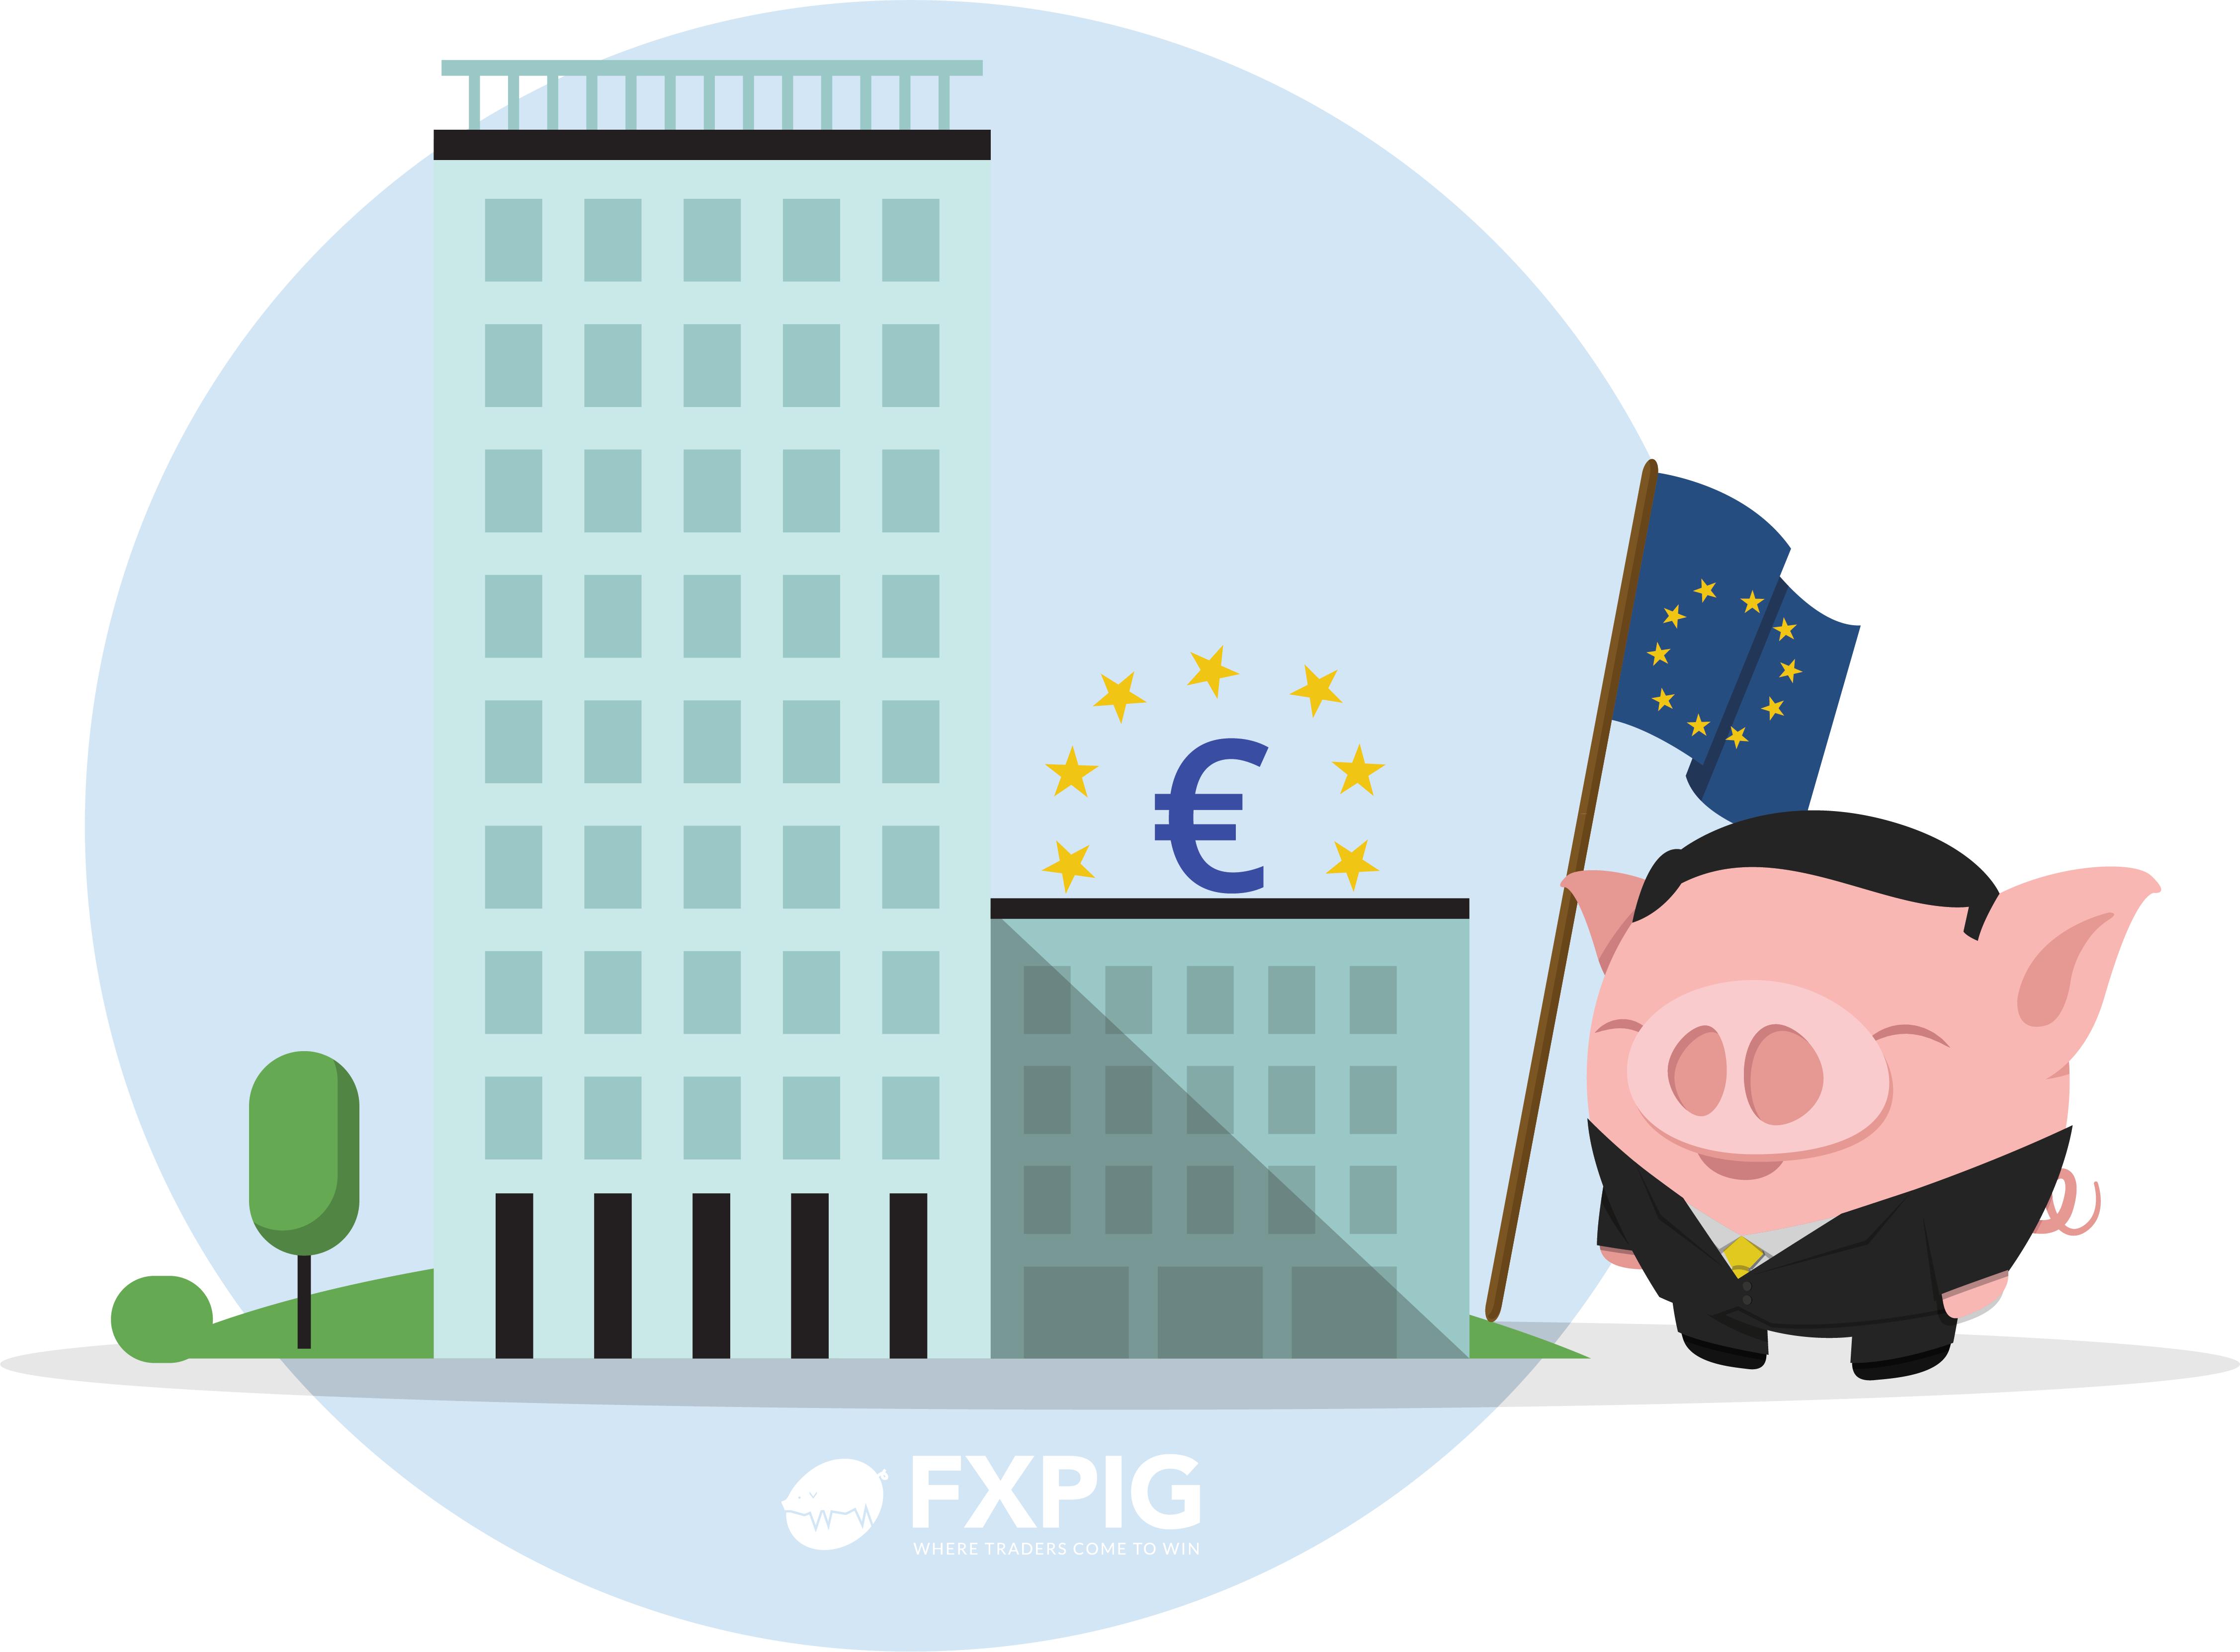 FOREX_ECB-Weidmann-Eurozone-endurance-test_FXPIG